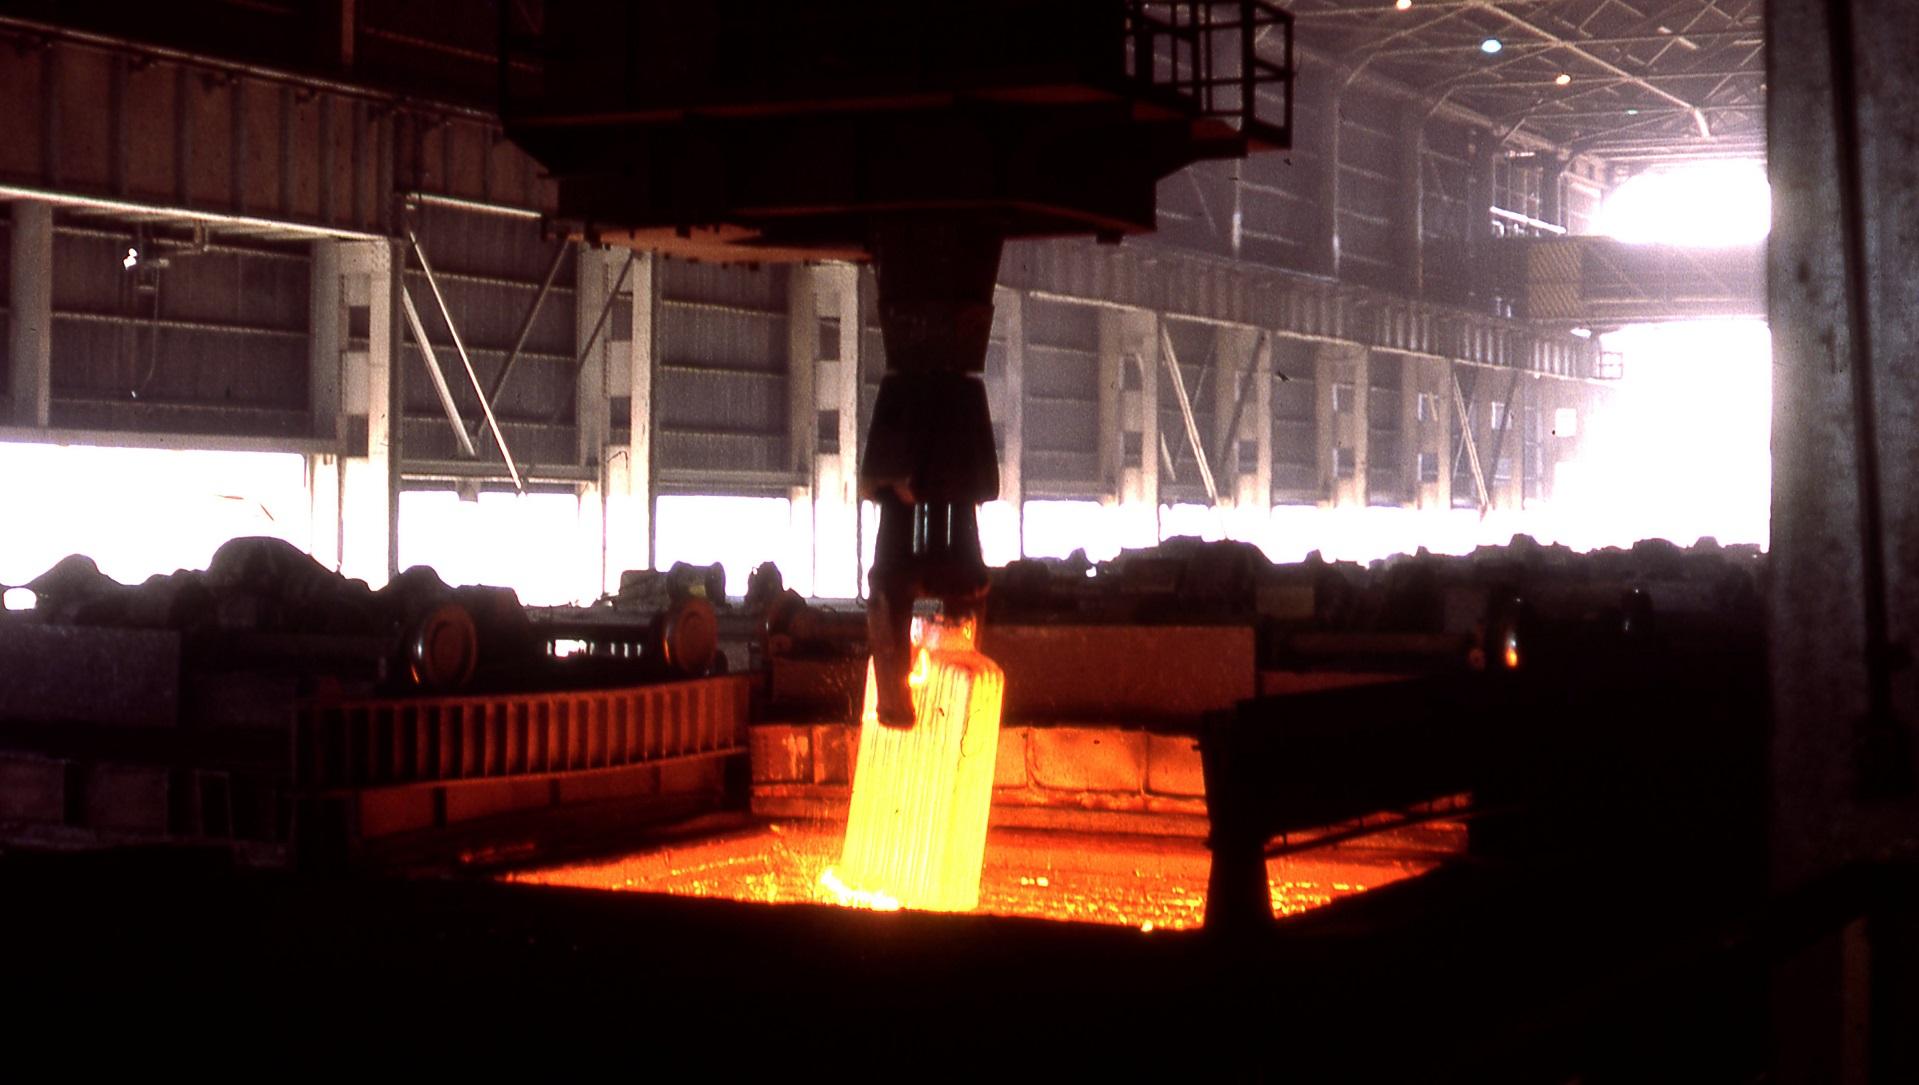 Cómo el hidrógeno podría sustituir parcialmente al carbón en la siderurgia